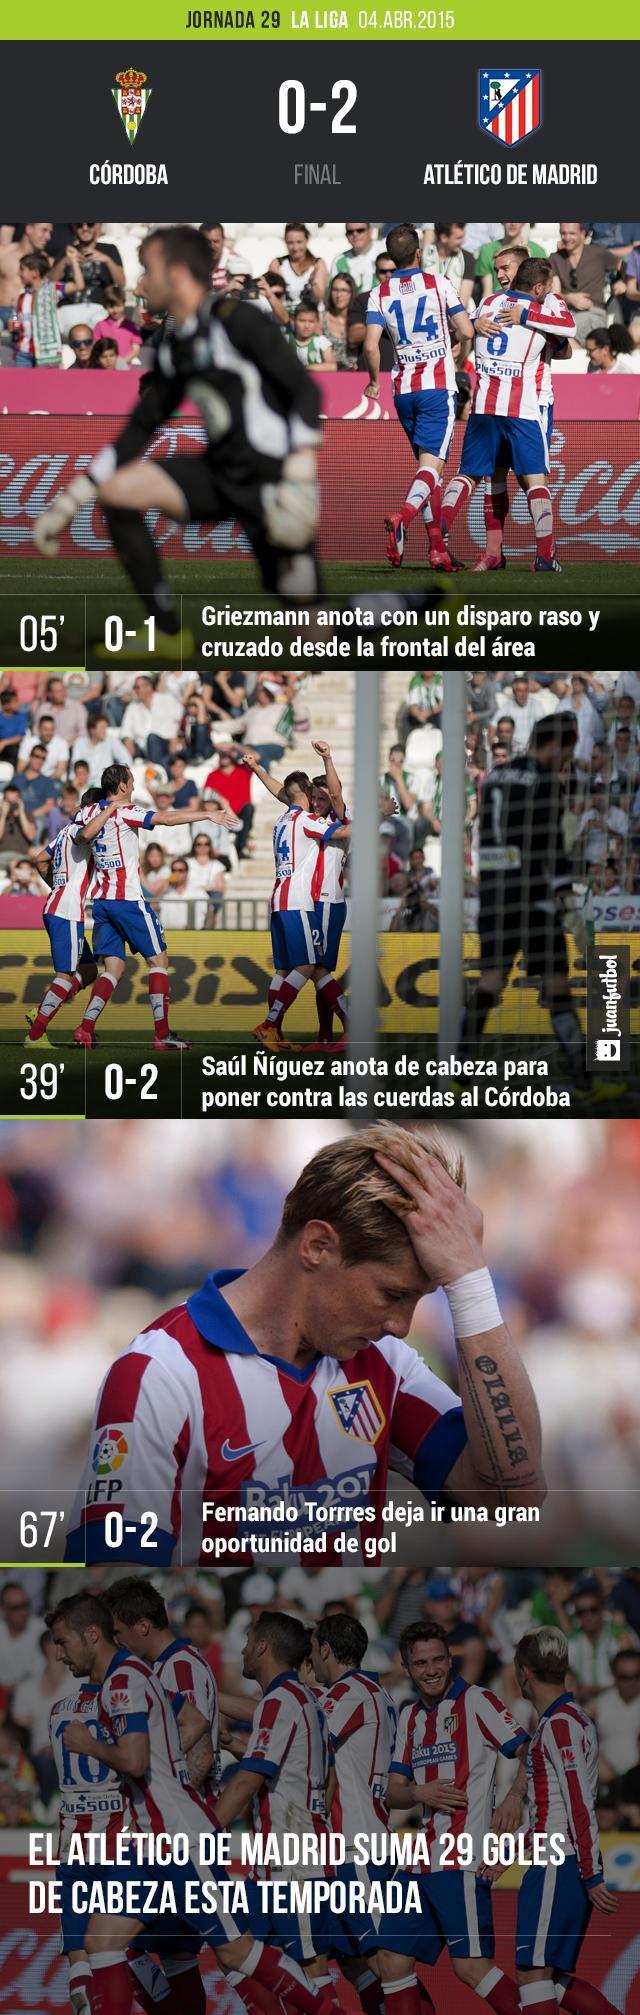 Atlético de Madrid venció a Córdoba.